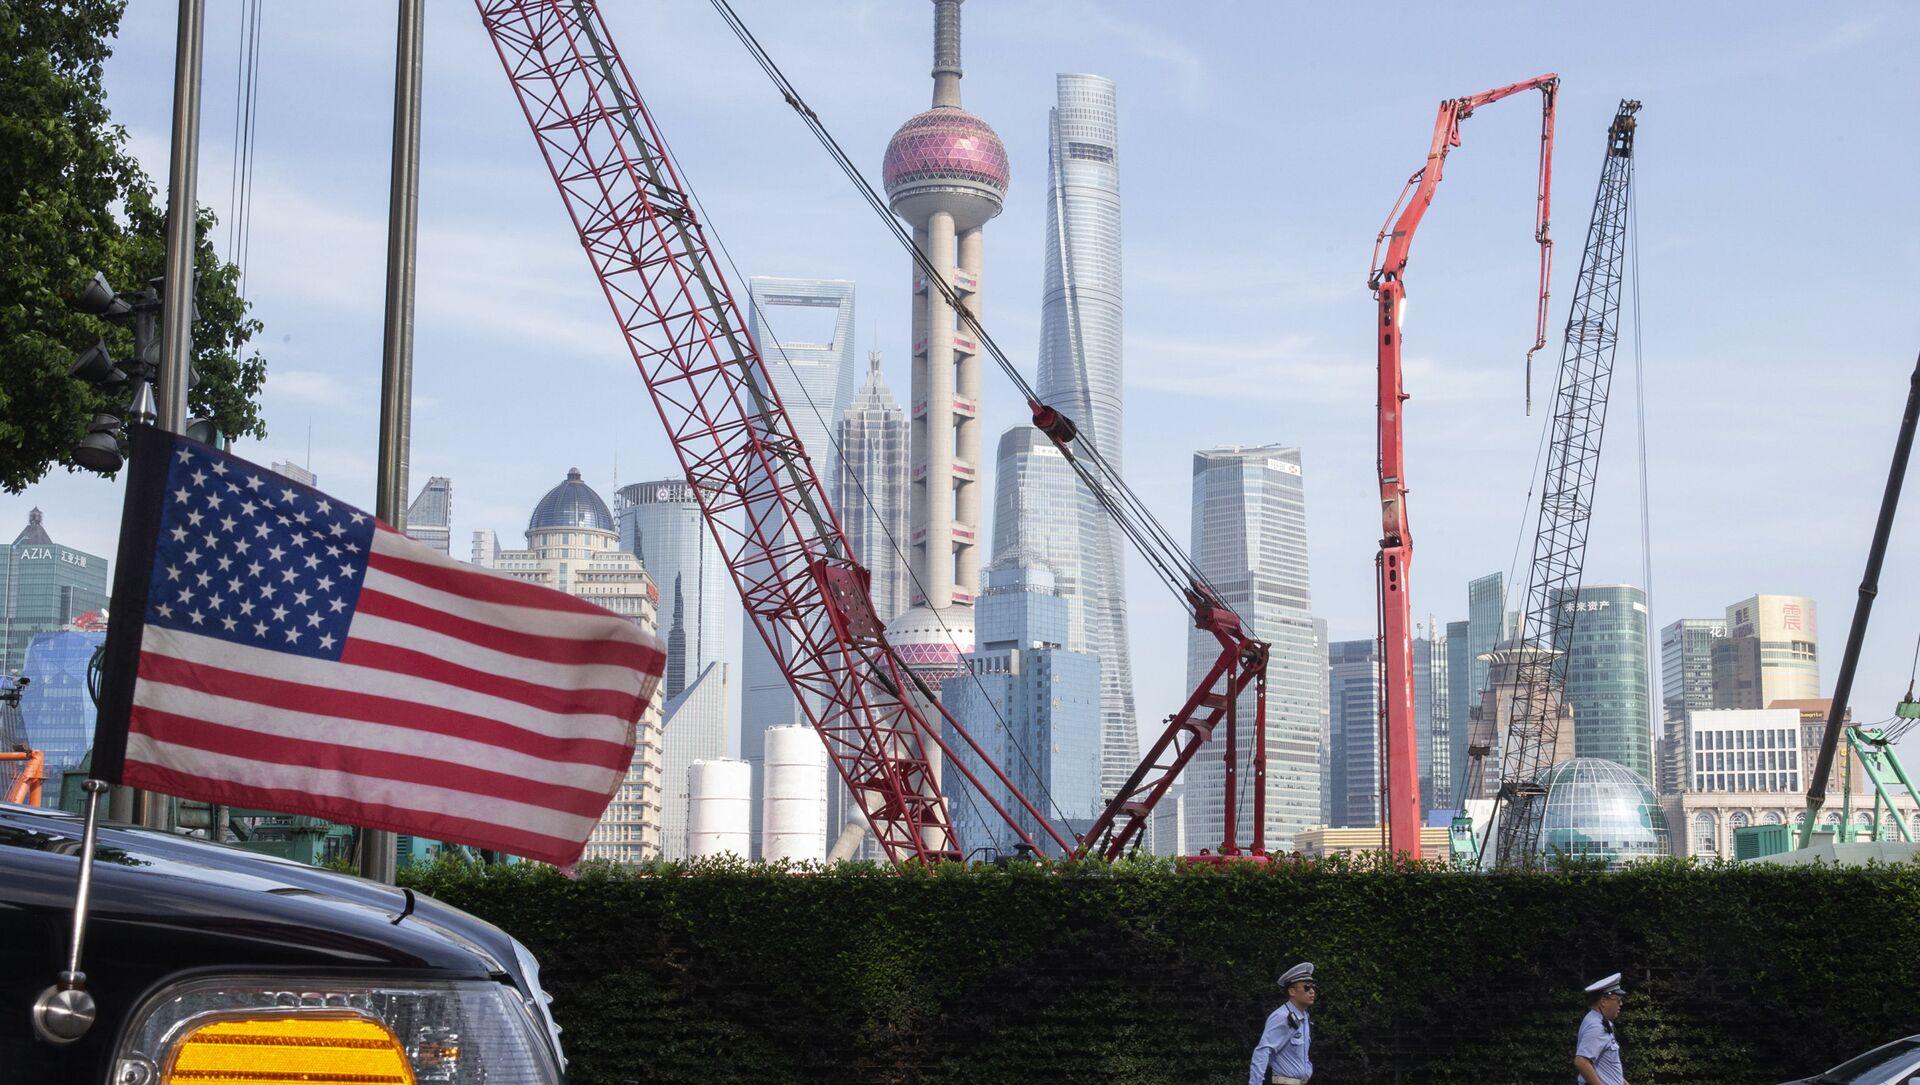 Flaga USA w pobliżu hotelu w Szanghaju w Chinach - Sputnik Polska, 1920, 18.04.2021